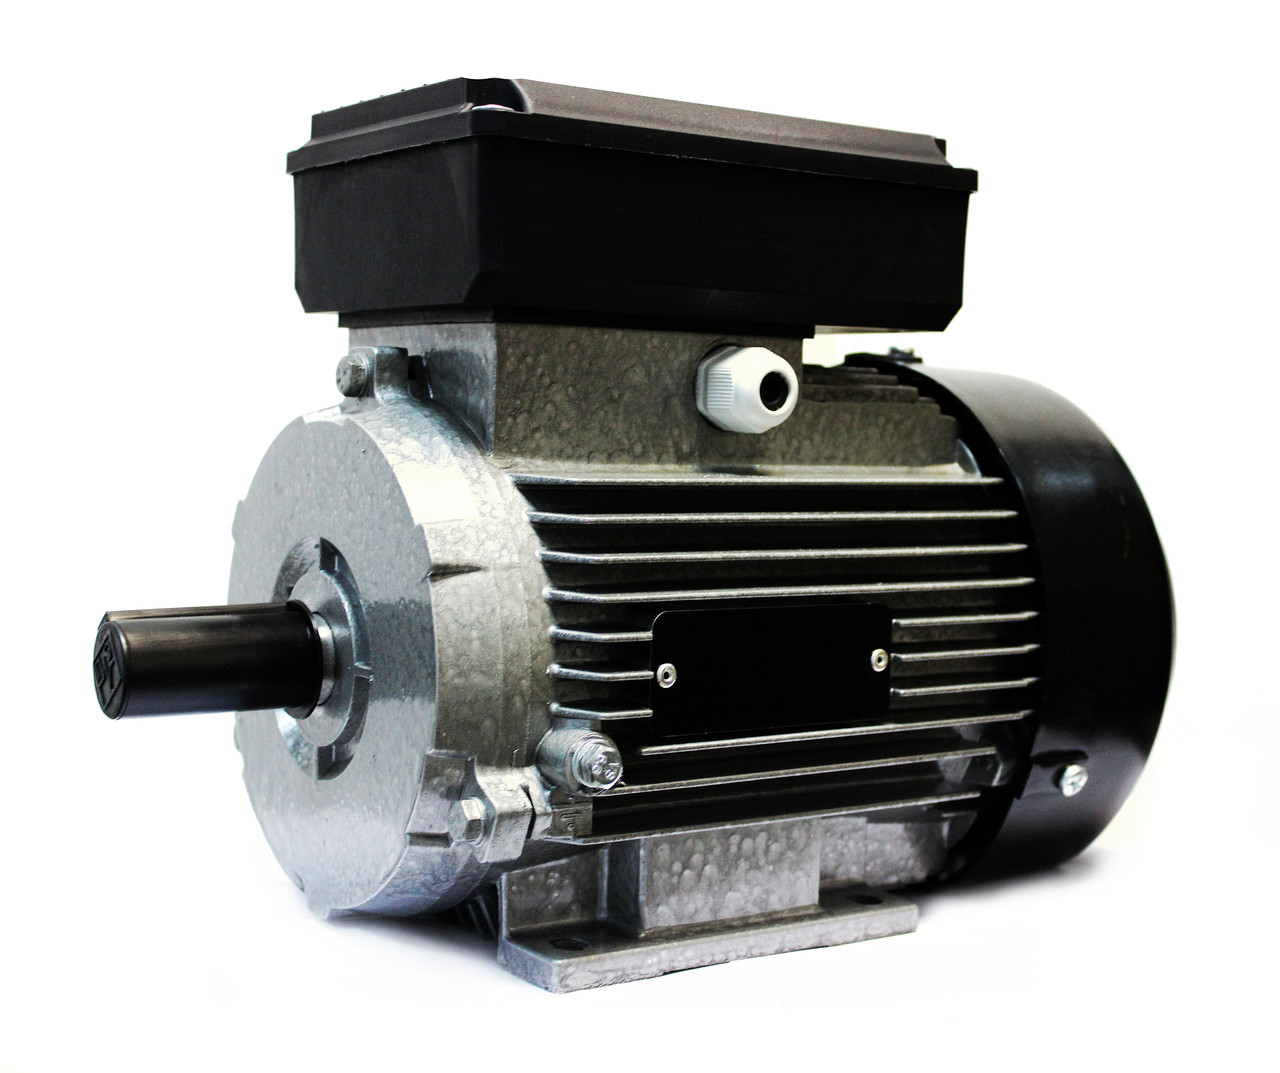 Однофазный электродвигатель АИ1Е 71 В2 У2 (1,1 кВт, 3000 об/мин)